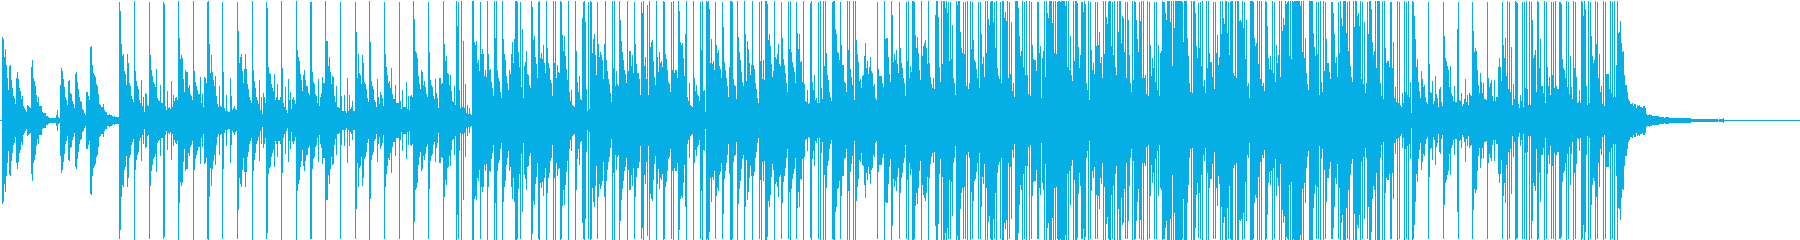 癒しの音の再生済みの波形